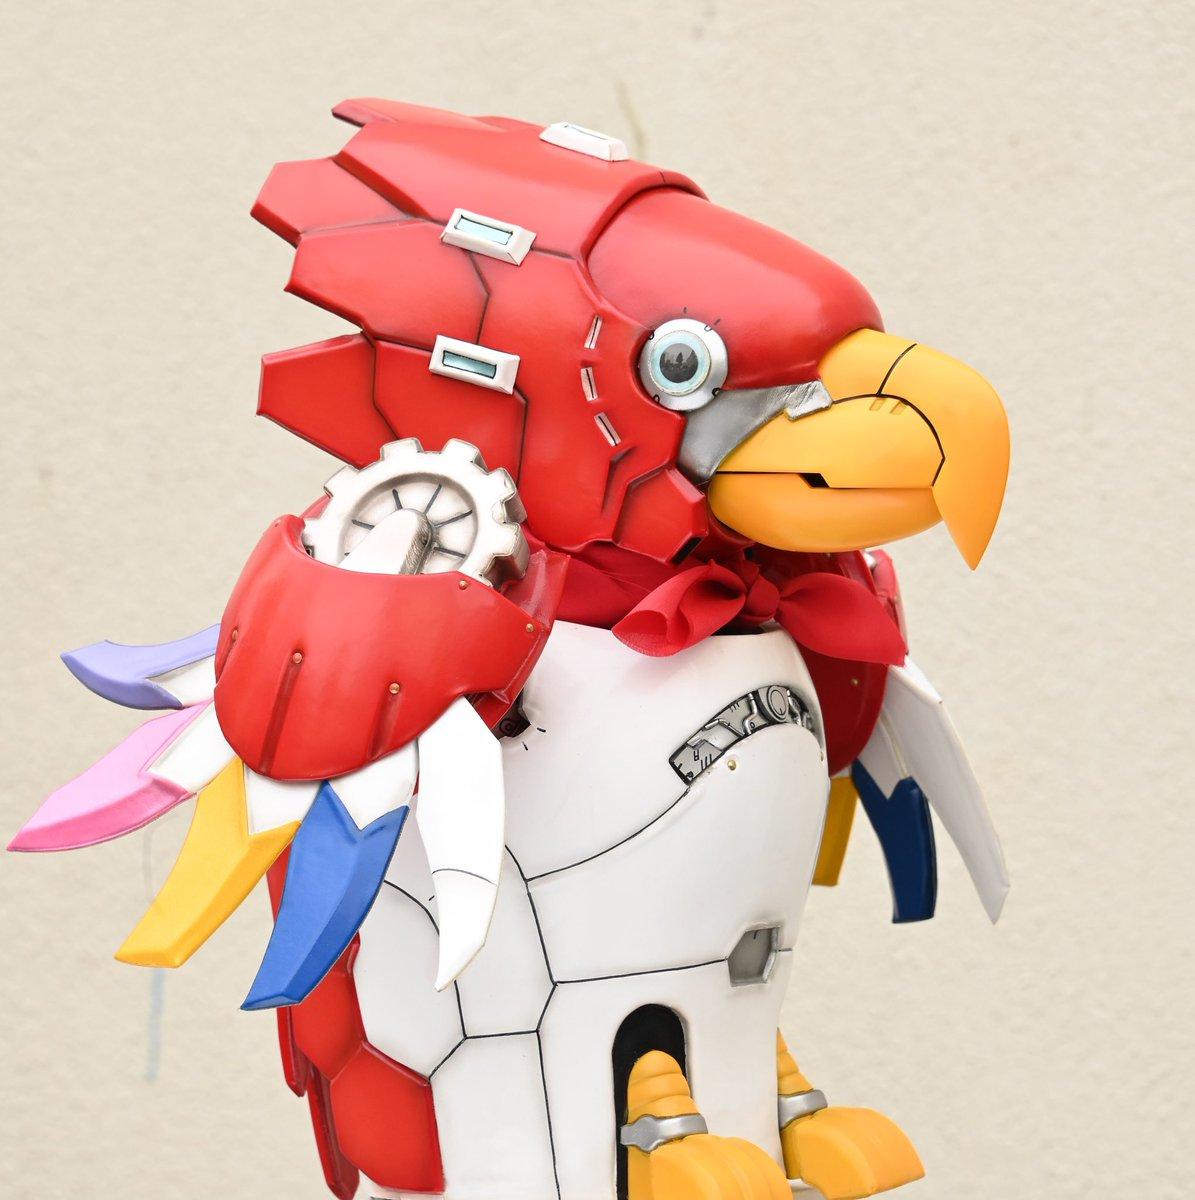 ⠀ 45/ ⠀  ⠀/ (○ V○) キャスト公カーイ!  #ゼンカイジャー の5人を支える鳥型ロボット「セッちゃん」!! その声を #福圓美里 さんが演じてくれるカーイ!🦜⚙  介人が子どもの頃に、お父さんとお母さんが作ってくれたセッちゃんは、みんなの大事な友達なんだカーイ! ⚙🦖🦁🔮⛏  チュン!!/